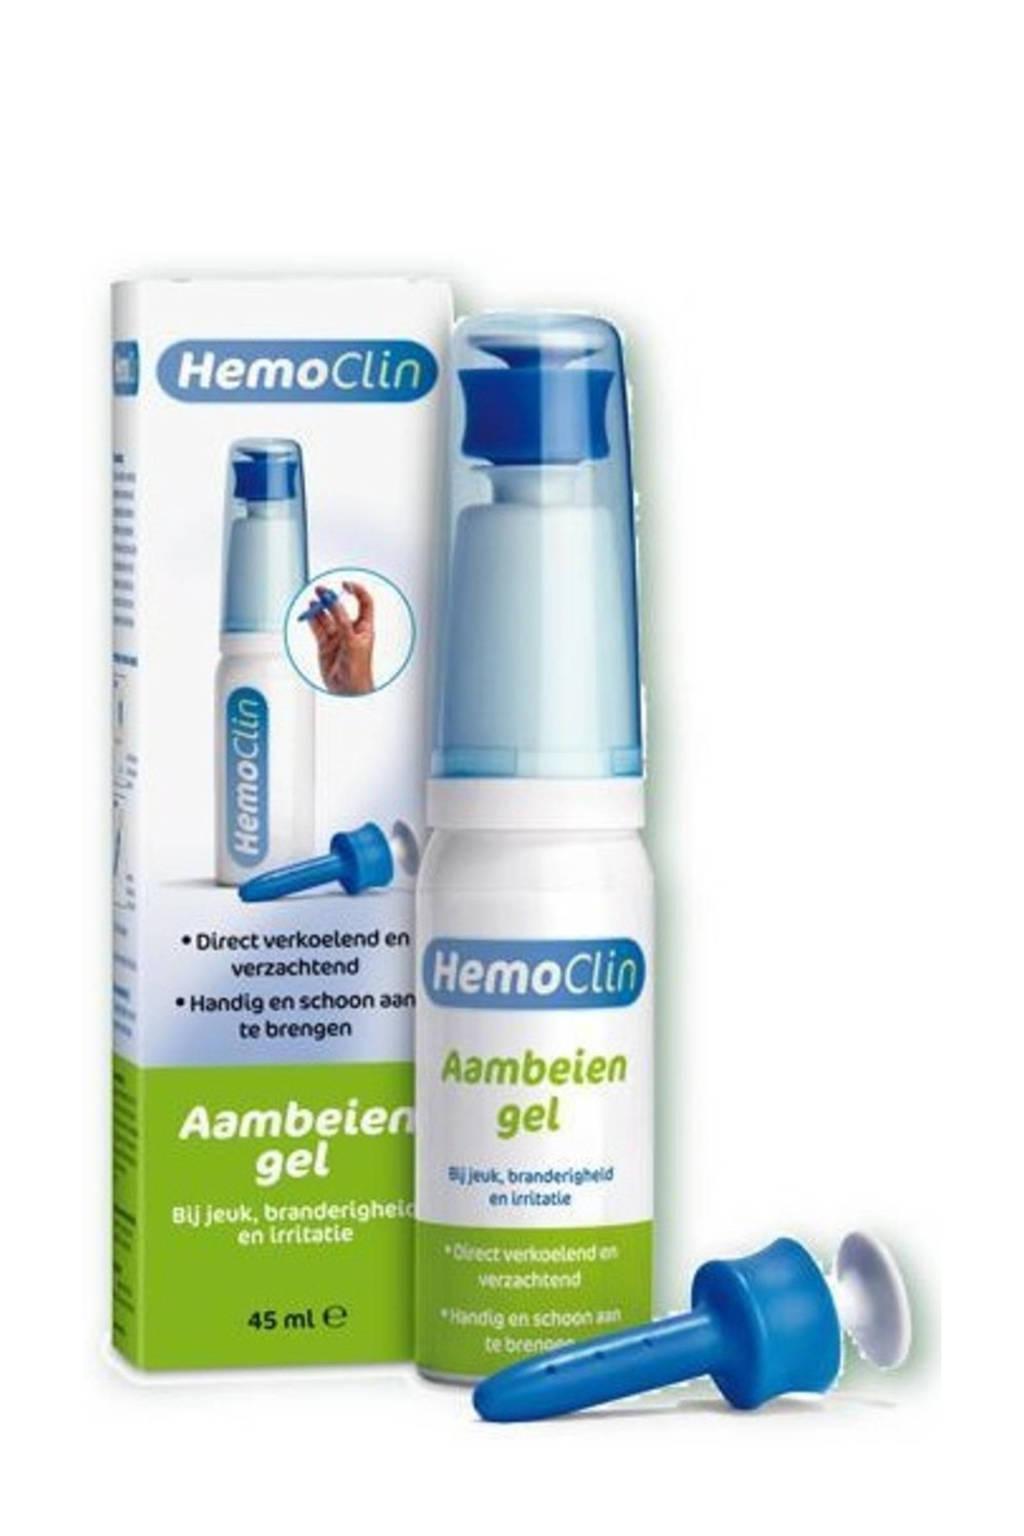 Hemoclin Aambeiengel applicator - 45 ml